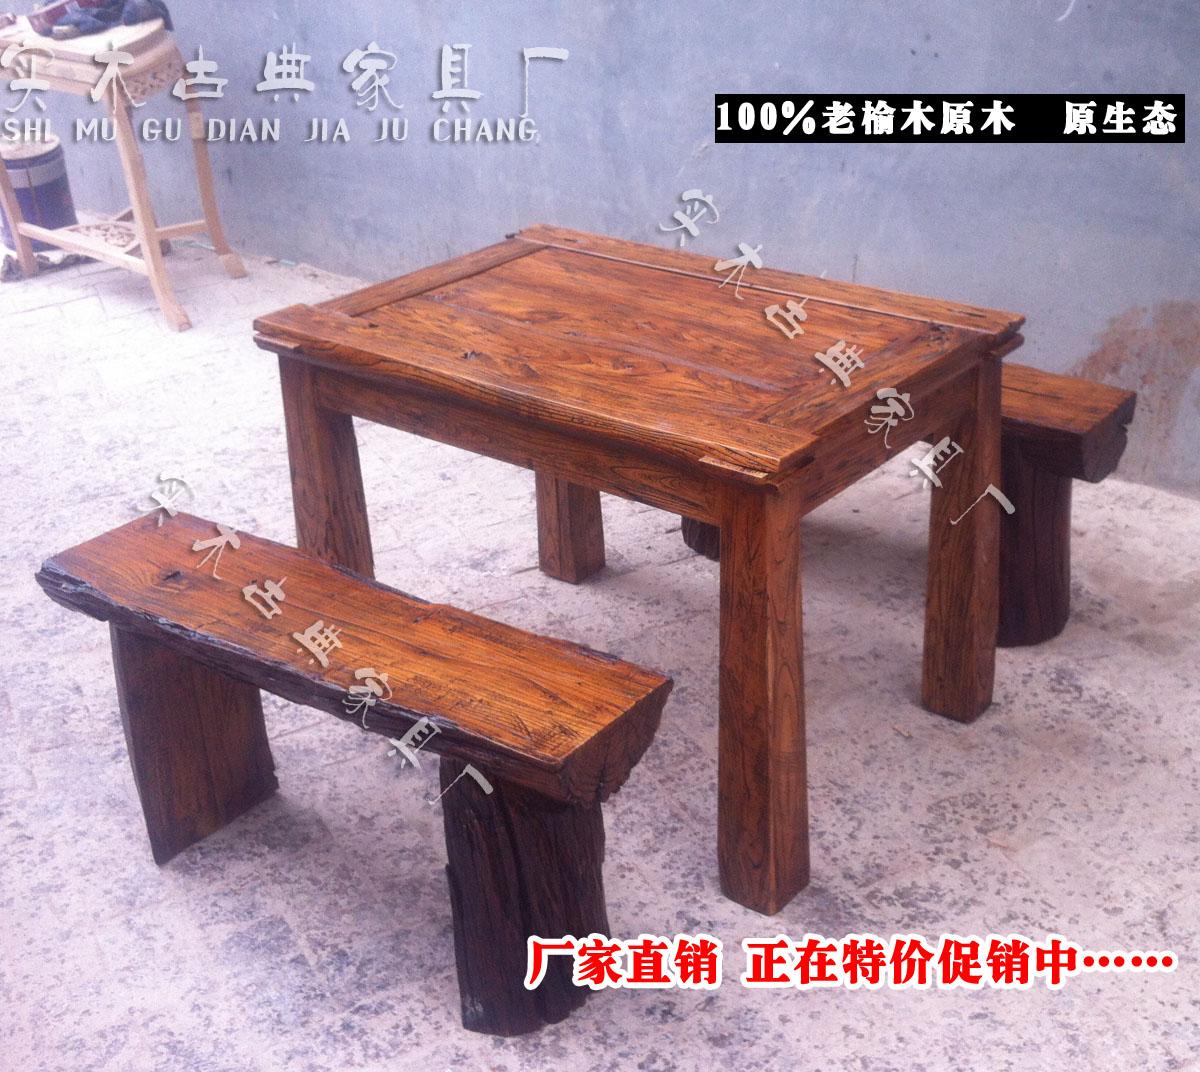 实木古典家具茶桌茶几餐桌原生态长桌长凳100%老榆木原木商品图片价格